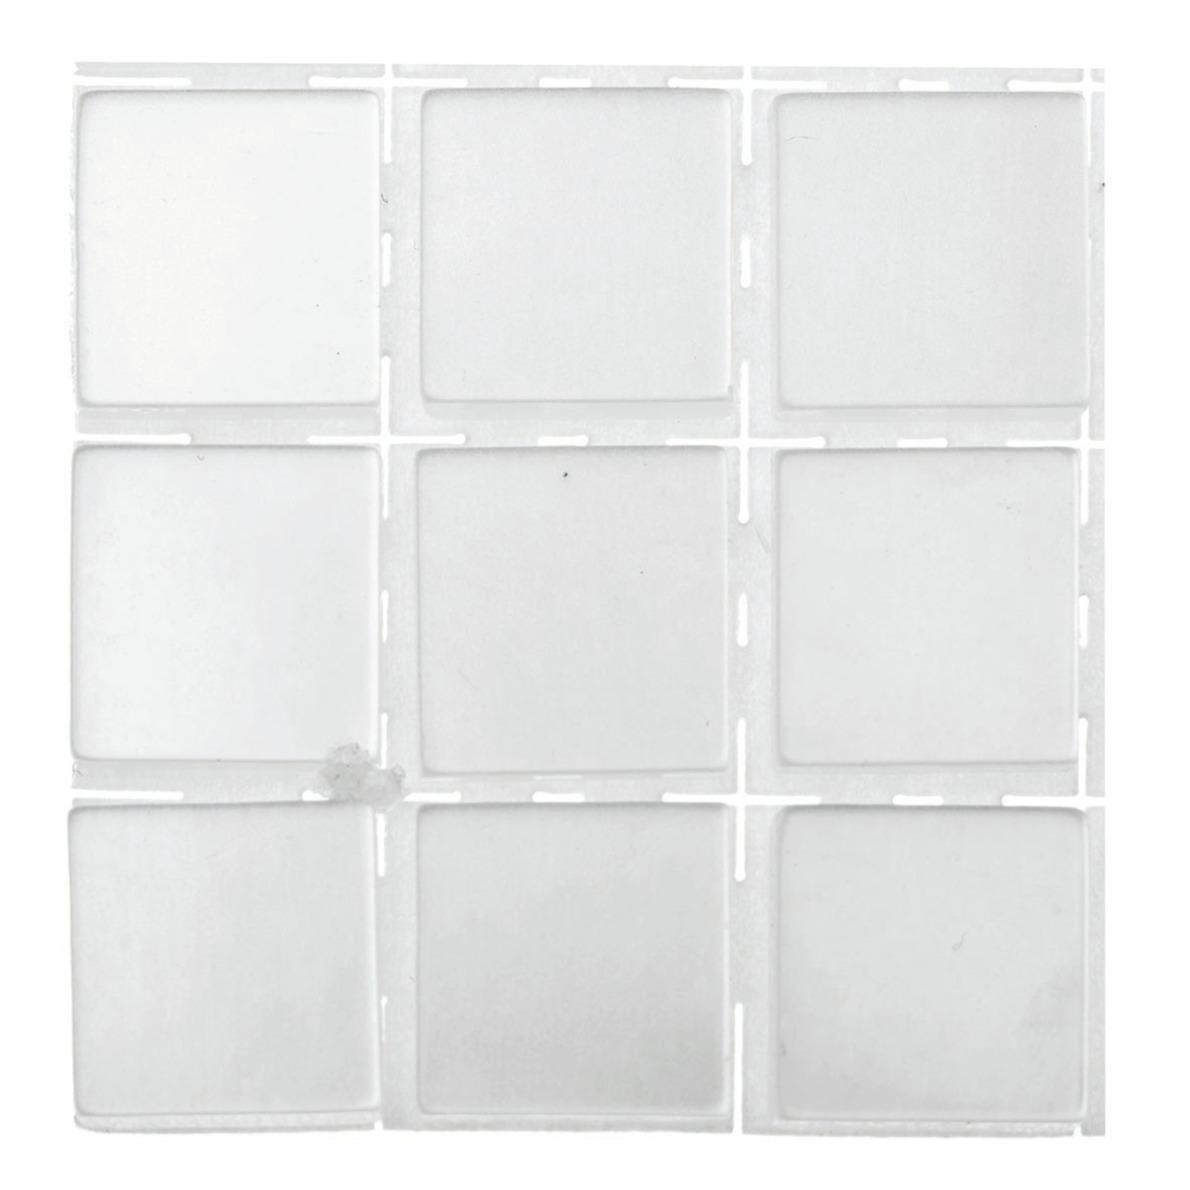 63x stuks mozaieken maken steentjes-tegels kleur wit 10 x 10 x 2 mm